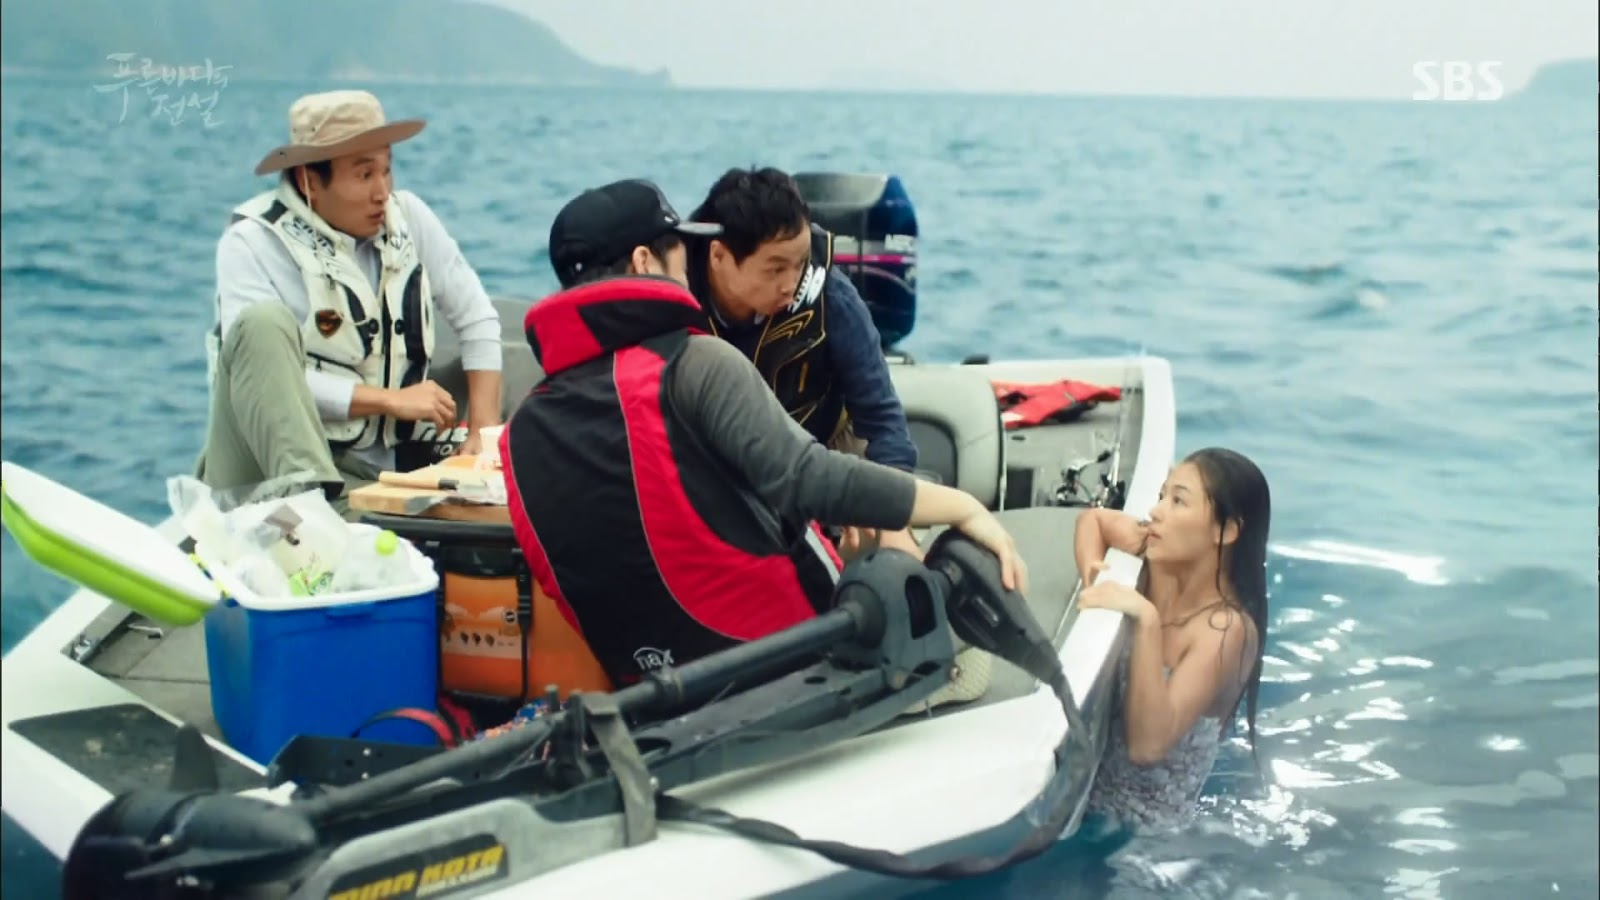 Screenshot Cheong Yi Go to Seoul Scene The Legend Of The Blu Sea (2016)  1080p Episode 03 - www.uchiha-uzuma.com